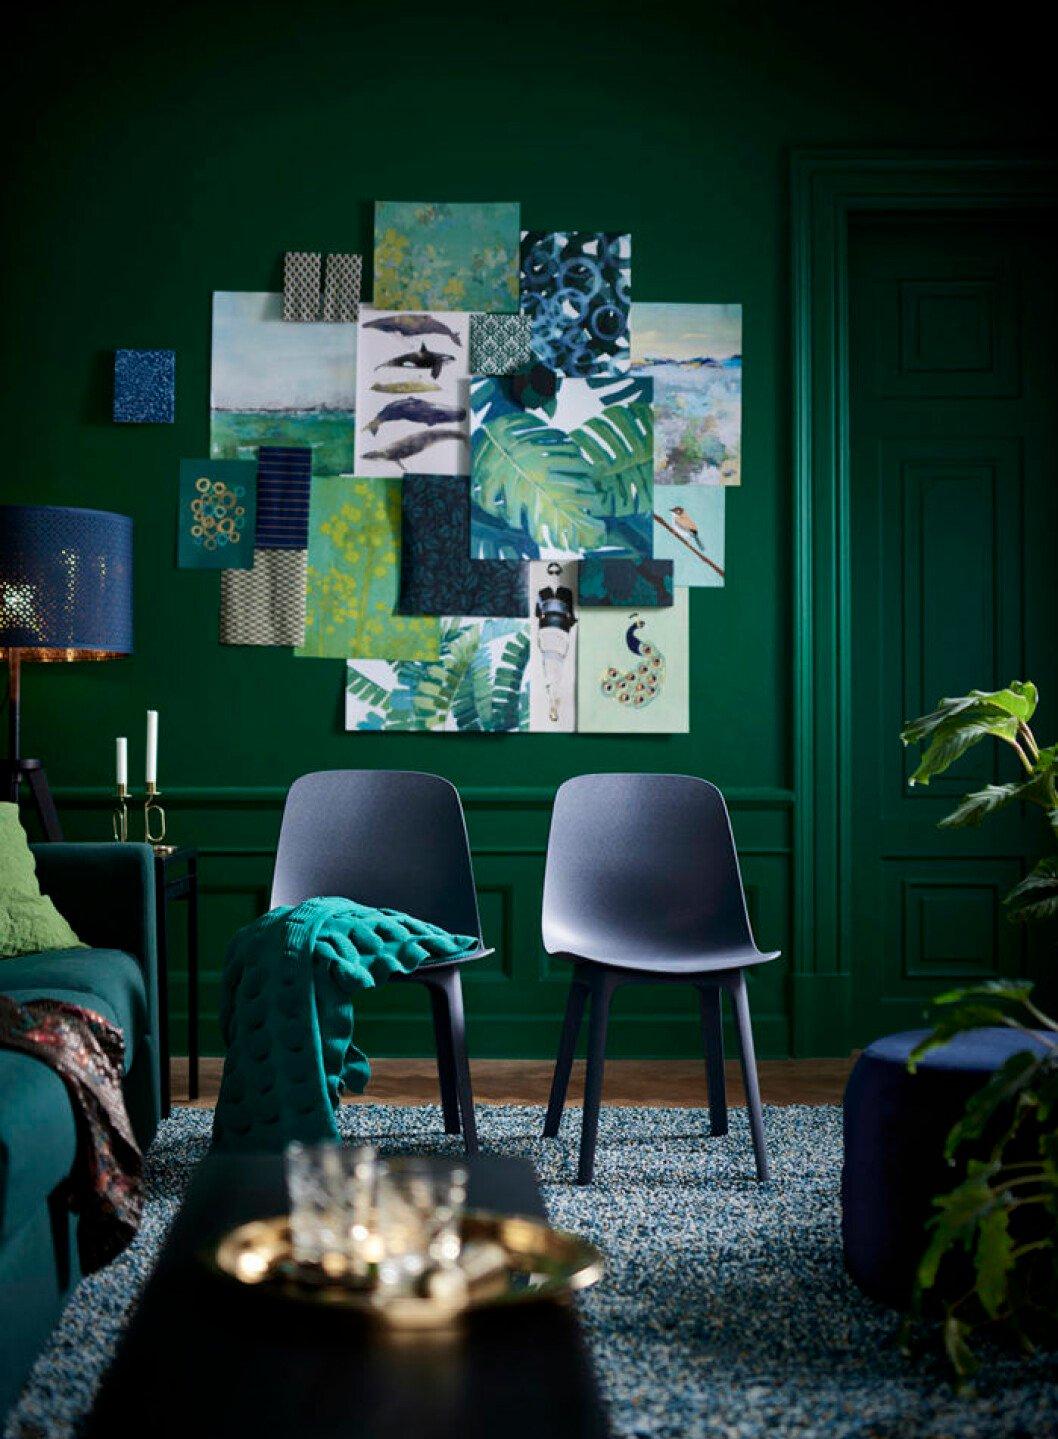 Grönmålad vägg och stolar från Ikea.